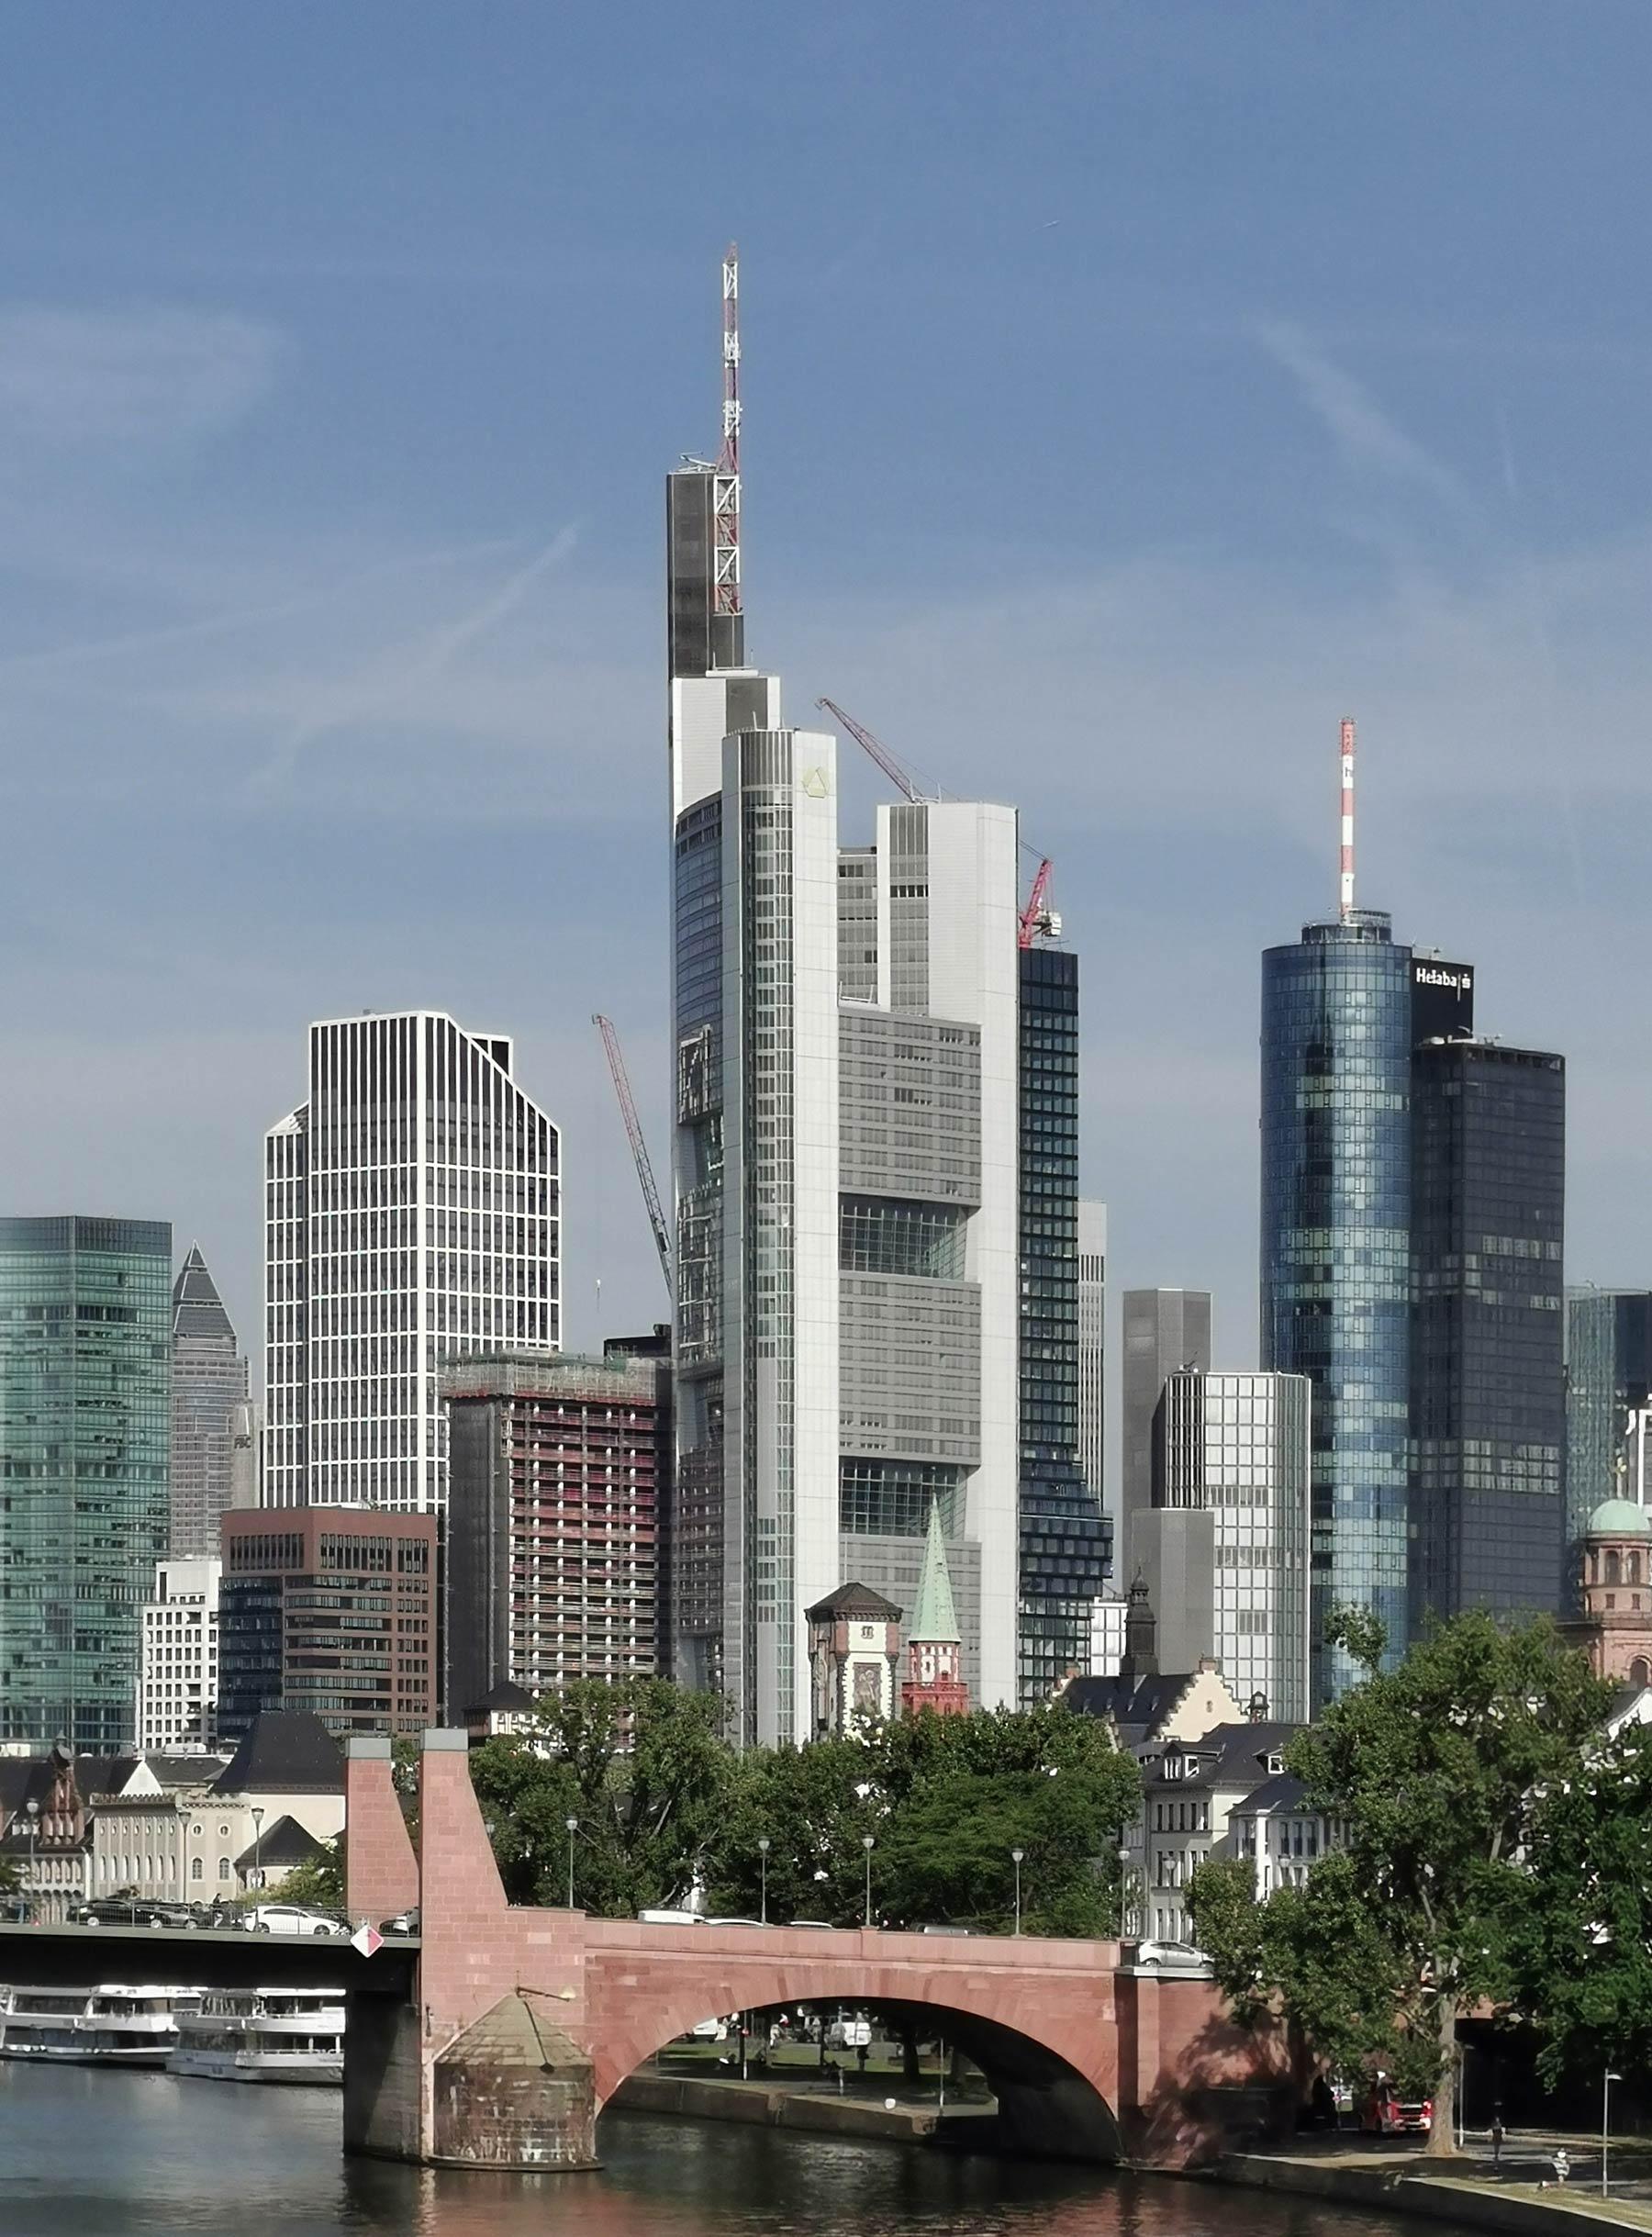 Commerzbank Tower Foto - Höchster Wolkenkratzer in Deutschland - Hochhaus Commerzbank AG - Commerzbank Zentrale